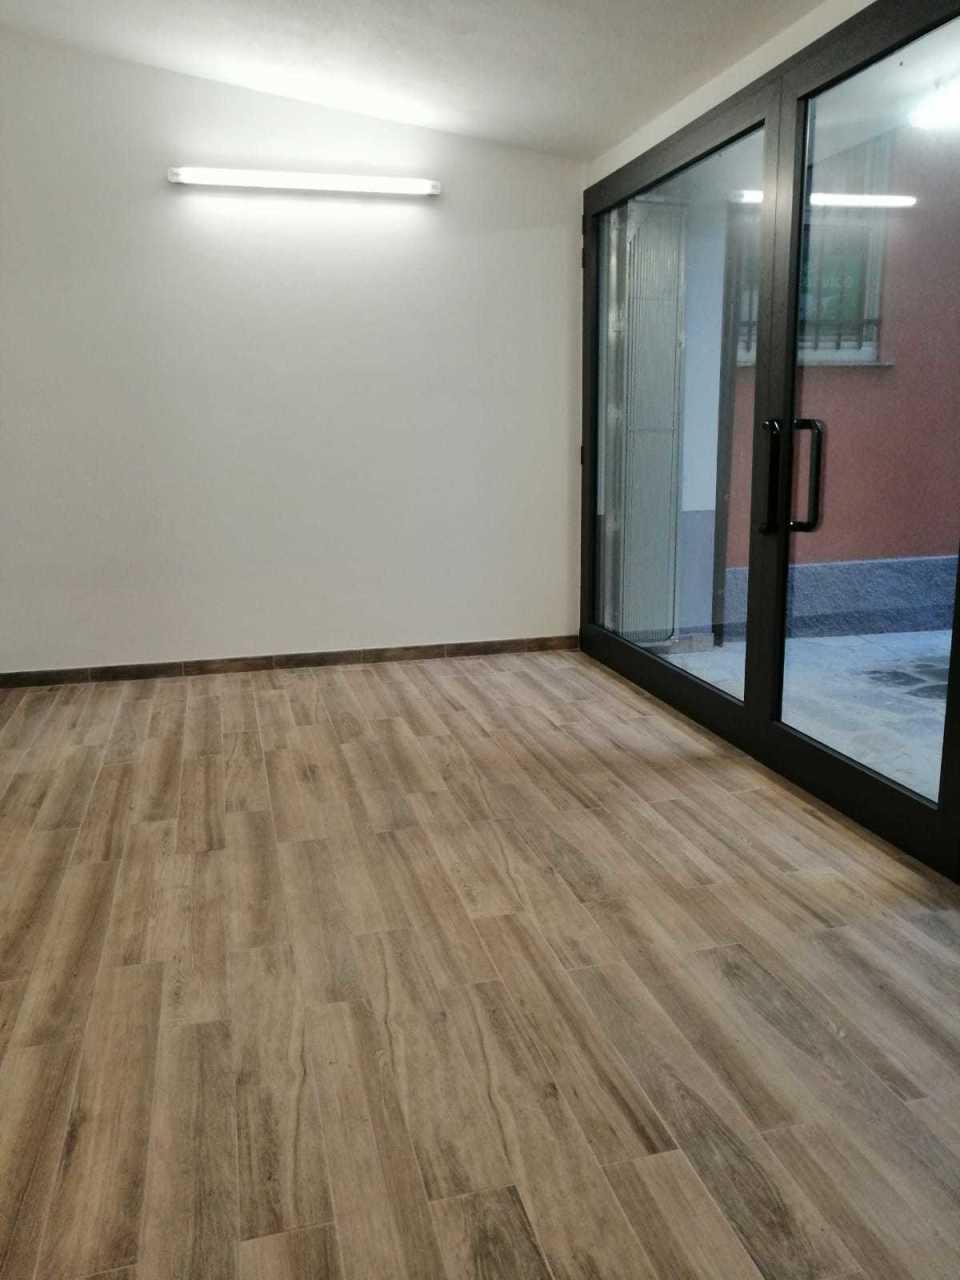 Locale commerciale - 1 Vetrina a Centro Levante, Chiavari Rif. 10174979